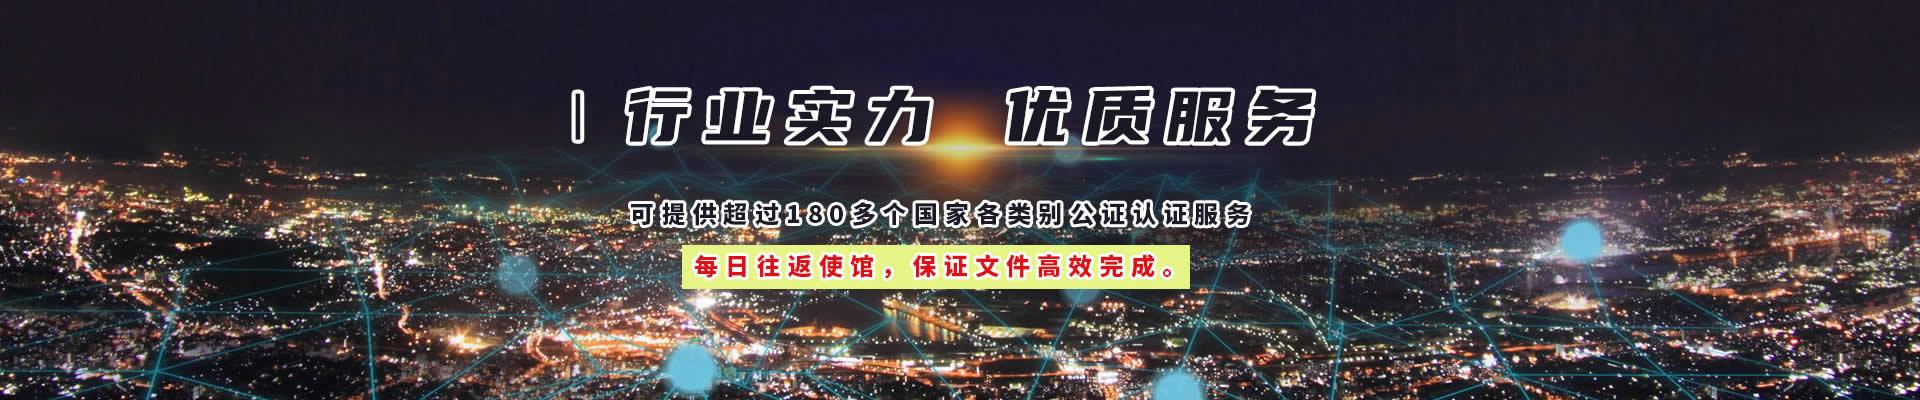 香港律师公证网可办理超过180个国家使馆公证认证